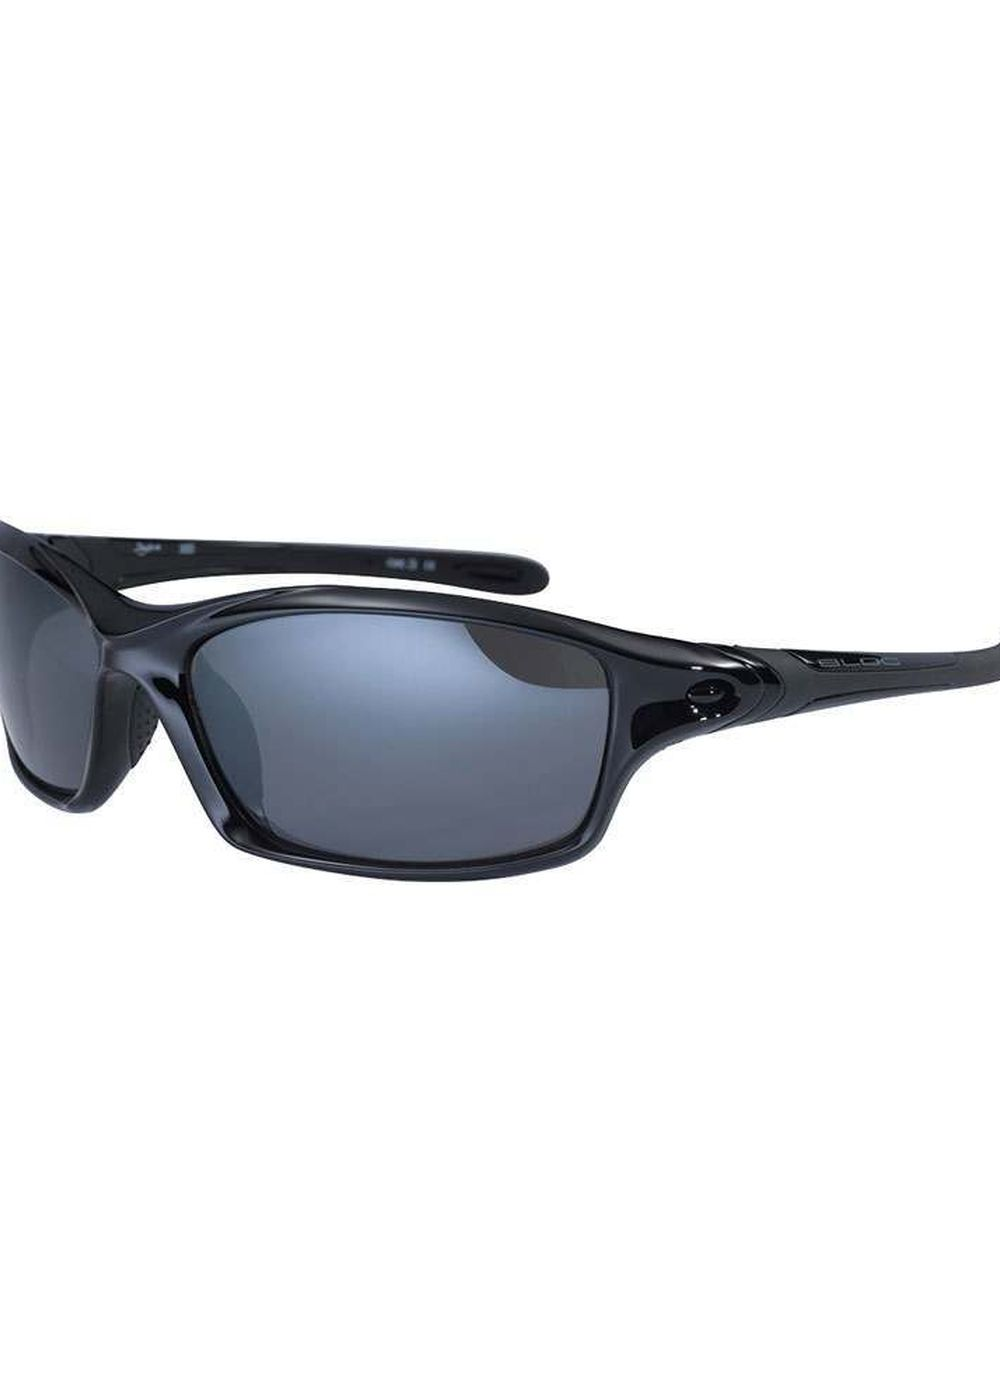 bloc-daytona-sunglasses-shiny-blackpolarised-grey